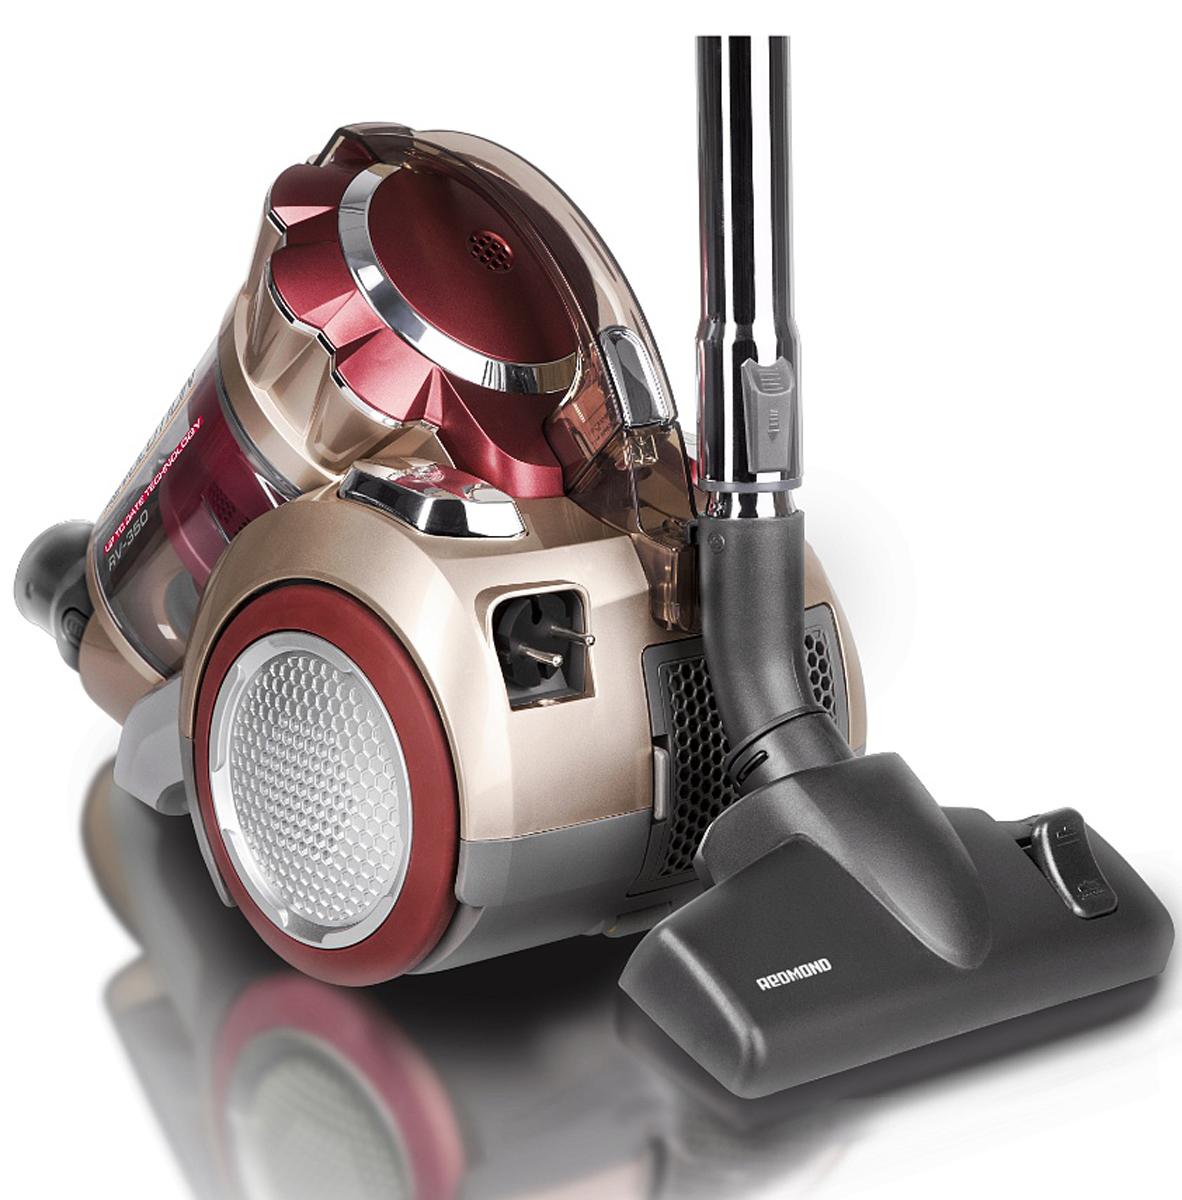 Redmond RV-350 пылесосRV-350Пылесос Redmond RV-350 — новая супермощная модель в невероятно привлекательном космическом дизайне с уникальной системой очистки Мультициклон 12+1 и современным воздушным НЕРА-фильтром. Делать свой дом чище и уютнее стало гораздо проще, быстрее и комфортнее. Пылесос имеет вместительный контейнер для сбора пыли объёмом 1,5 л, надёжный моторный микрофильтр и плавный пуск двигателя. Примечательно, что регулятор мощности располагается на ручке, что обеспечивает дополнительное удобство при использовании высококачественного прибора. Отдельно стоит заявить о комплекте насадок и щёток, который отличается разнообразием — эти аксессуары существенно увеличивают потенциал аппарата: насадка пол / ковёр, насадка для паркета / ламината, турбощётка, щелевая насадка и насадка для чистки мягкой мебели. С таким набором легко справиться почти с любым загрязнением. Redmond RV-350 будет непременно радовать и такими особенностями, как автоматическая смотка электрошнура,...